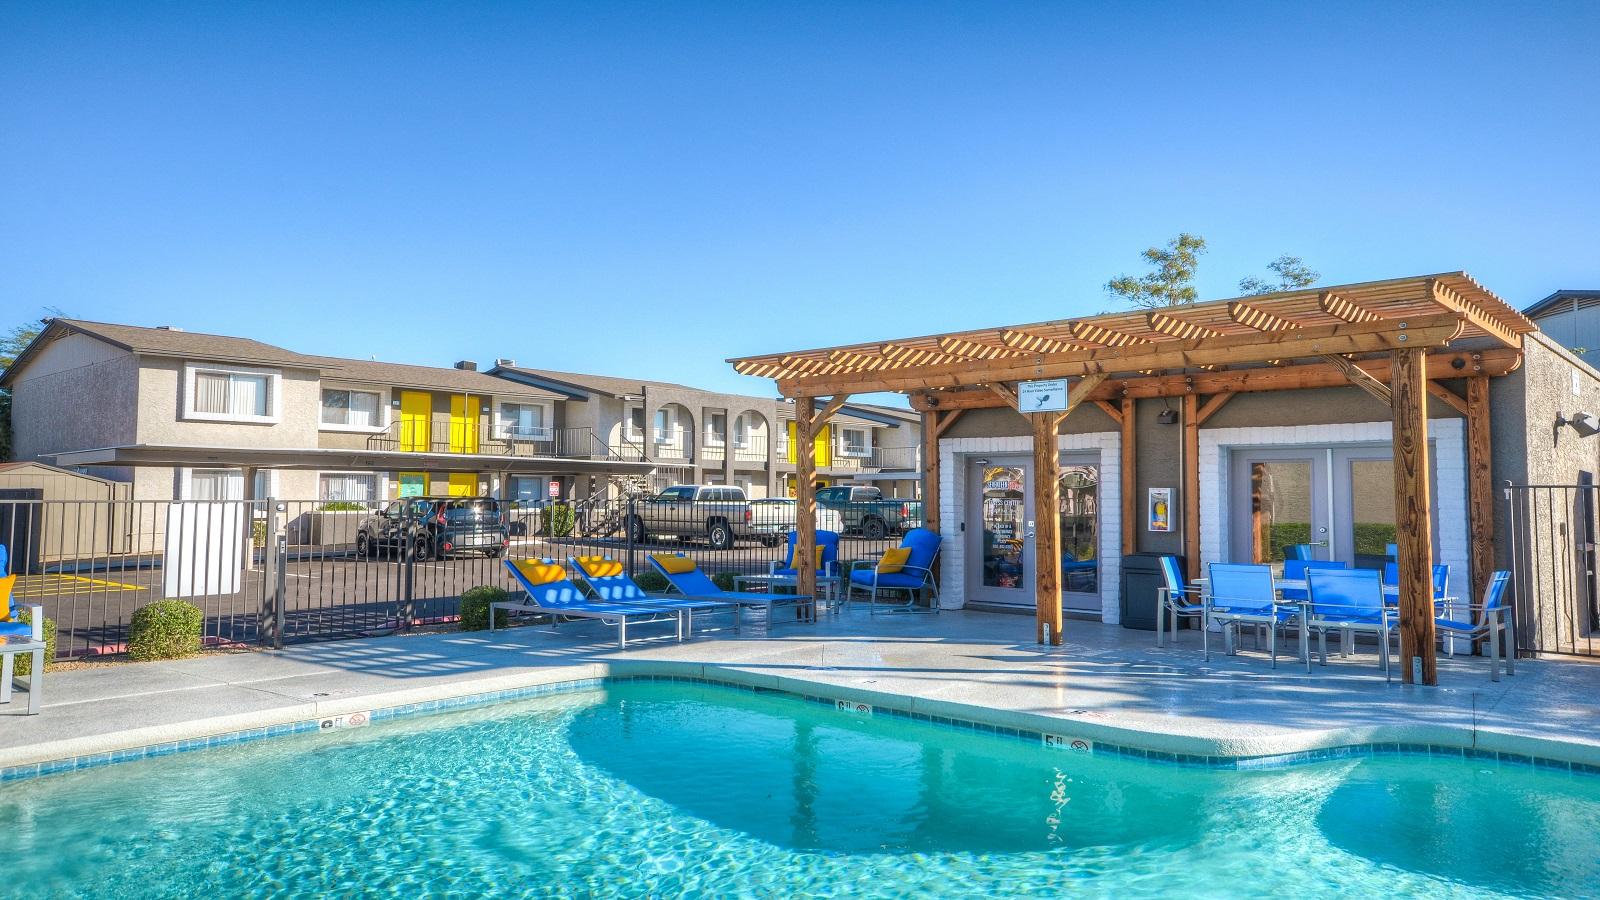 Seventeen 805 Apartments | 17805 North 40th Street, Phoenix, AZ 85032 | 138 Units | Built in 1984 / Renovated in 2016/17 | $16,780,000 | $121,594 Per Unit | $123.15 Per SF